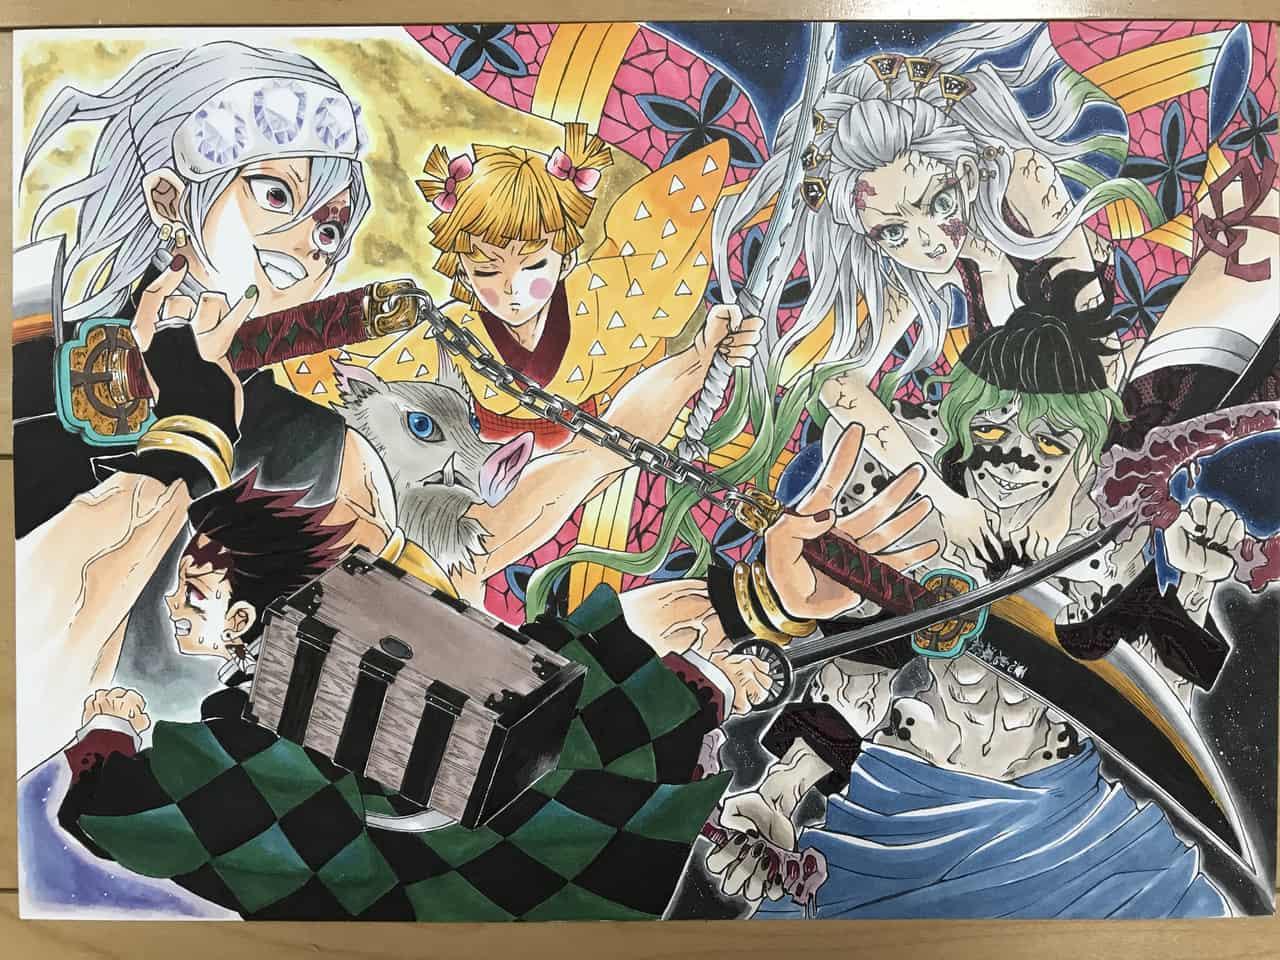 遊郭編 Illust of さをり DemonSlayerFanartContest KimetsunoYaiba fanart HashibiraInosuke AgatsumaZenitsu illustration UzuiTengen KamadoTanjirou